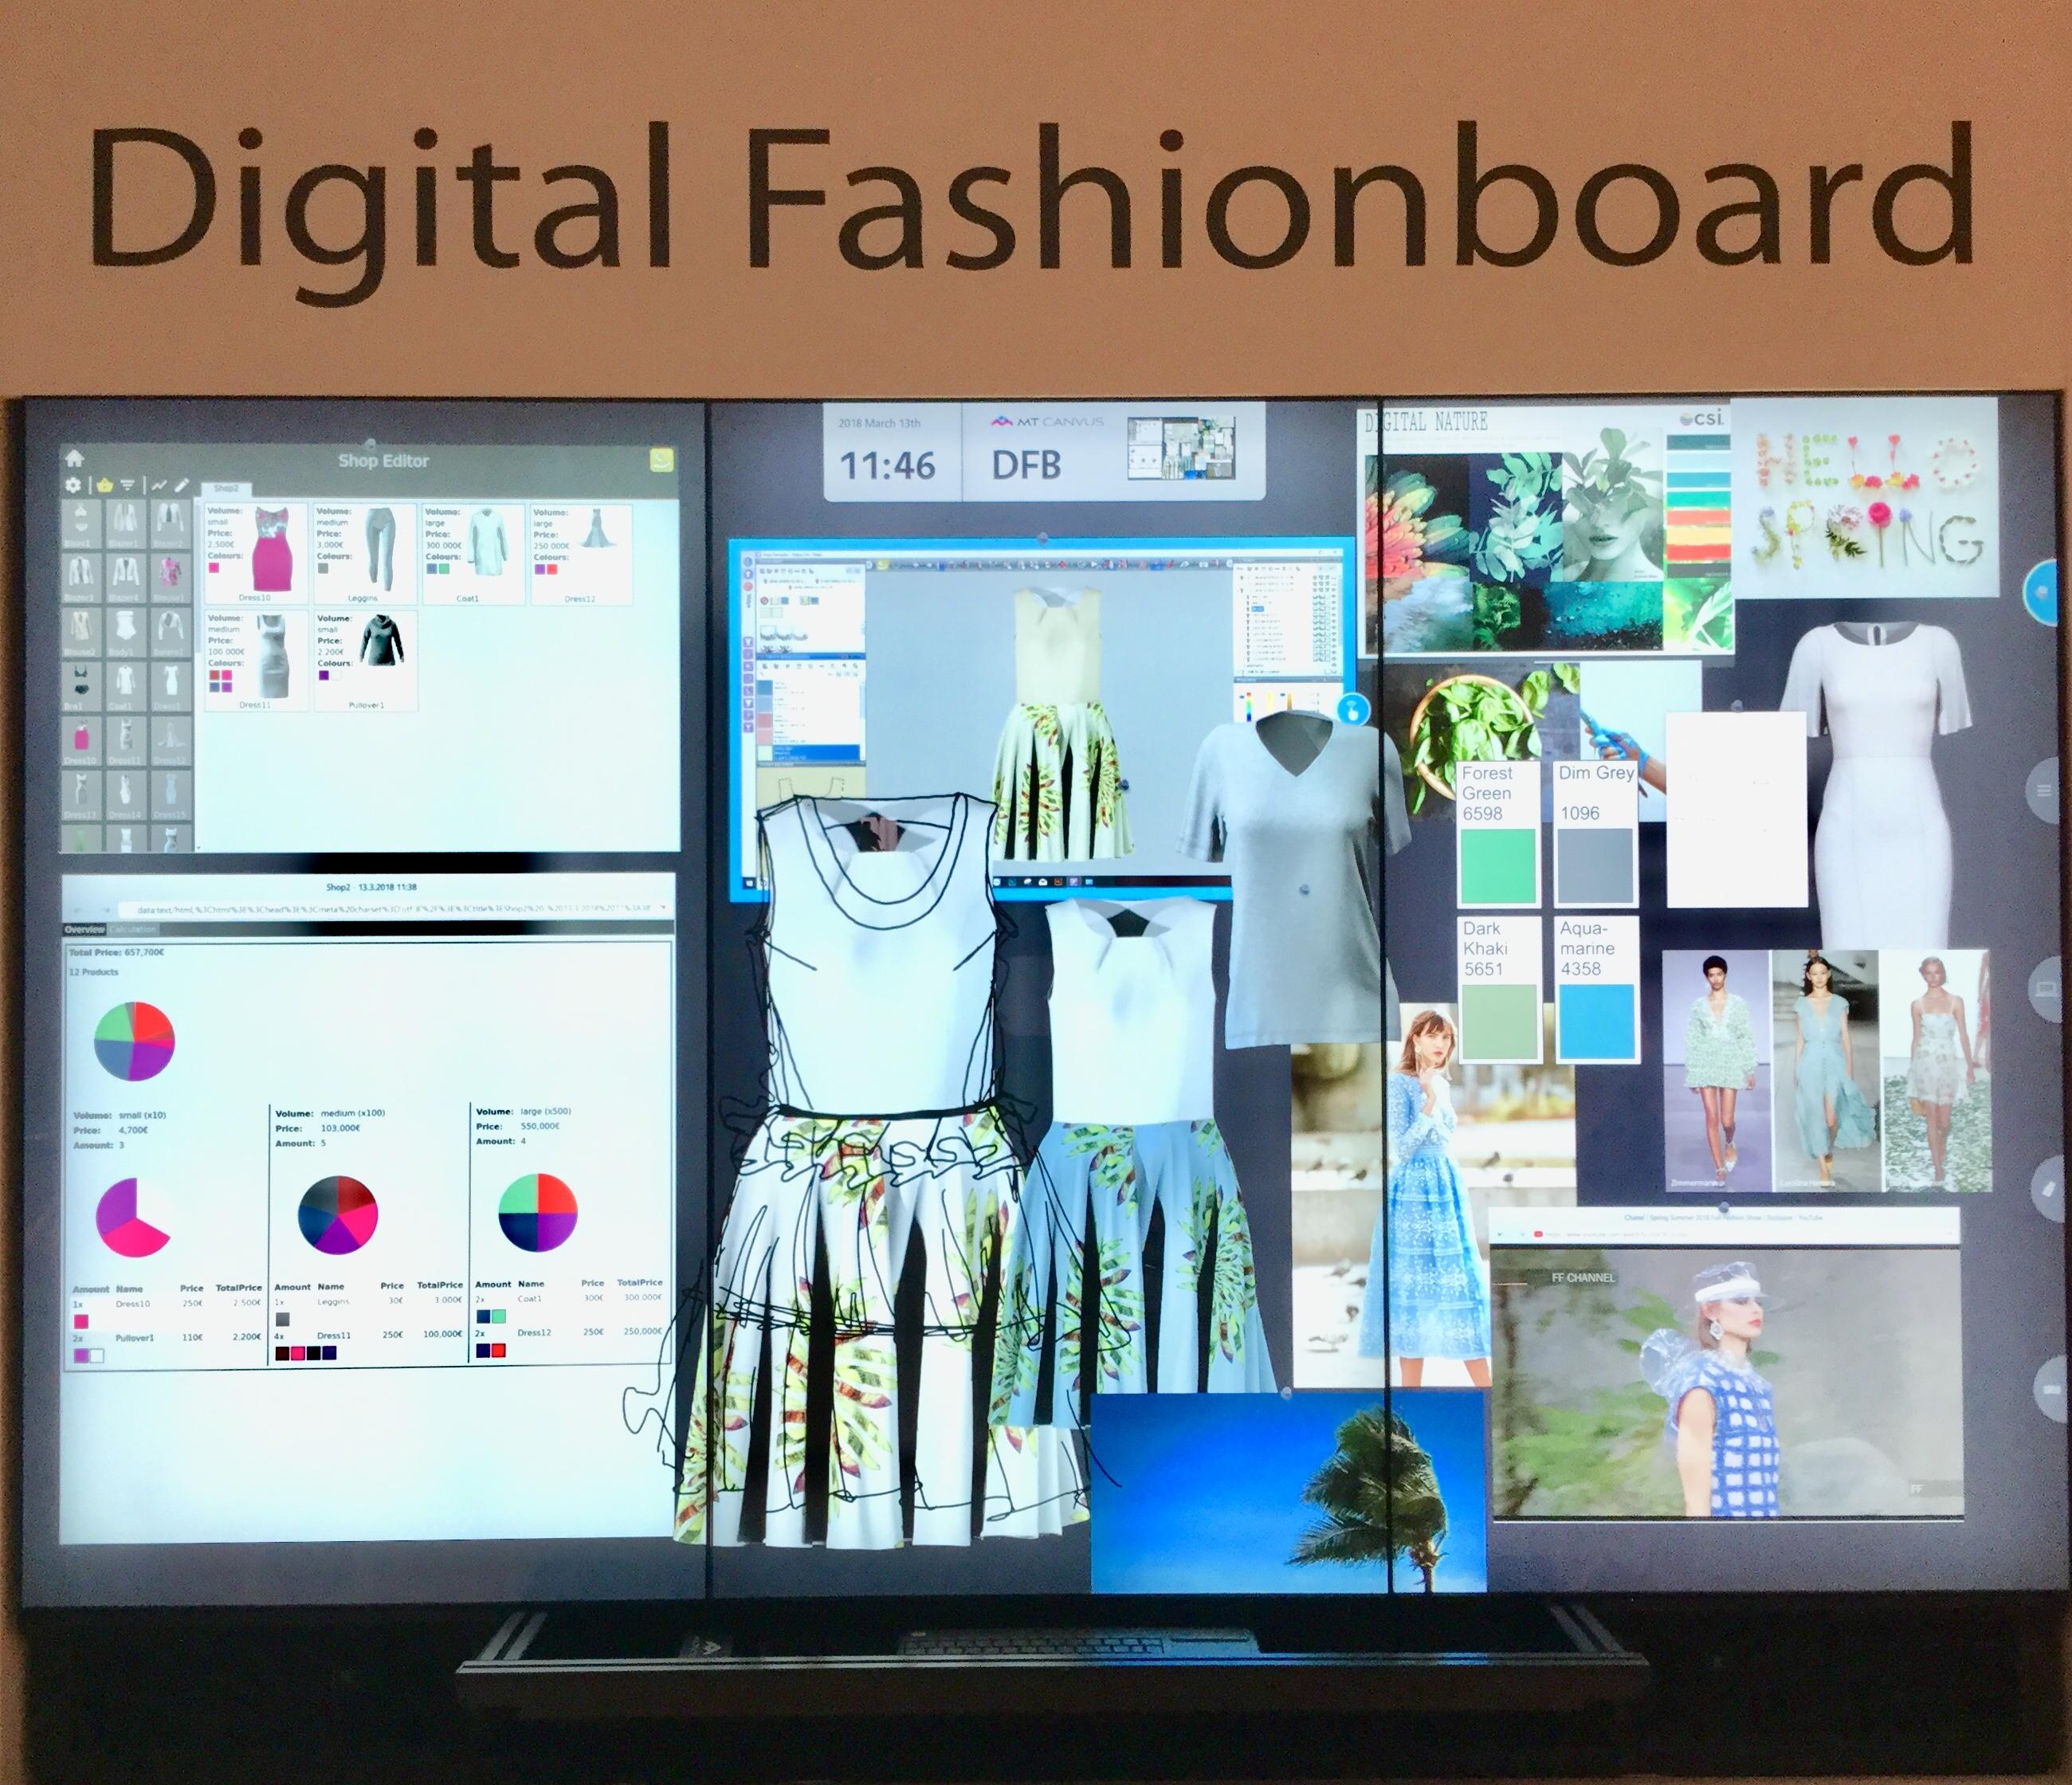 Digital Fashionboard - Assyst